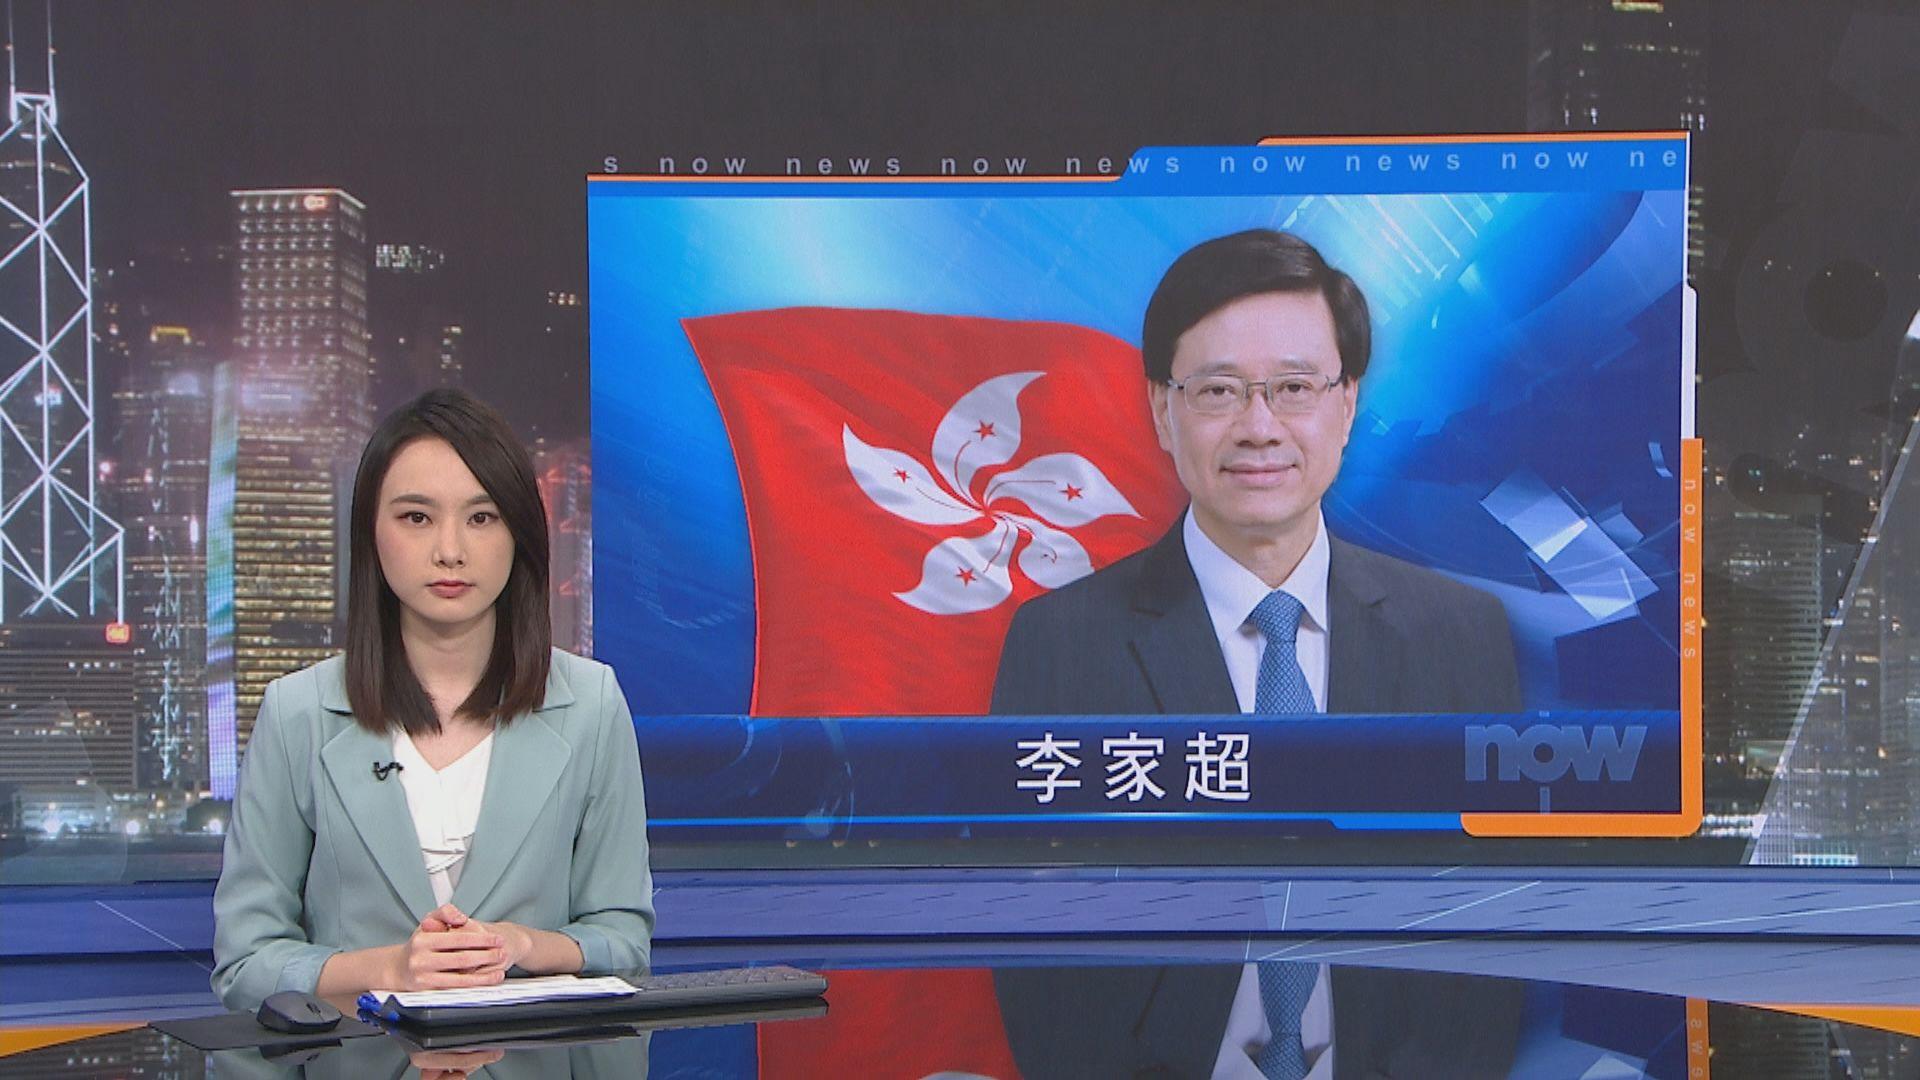 李家超稱修訂傳媒代表定義免「魚目混珠」